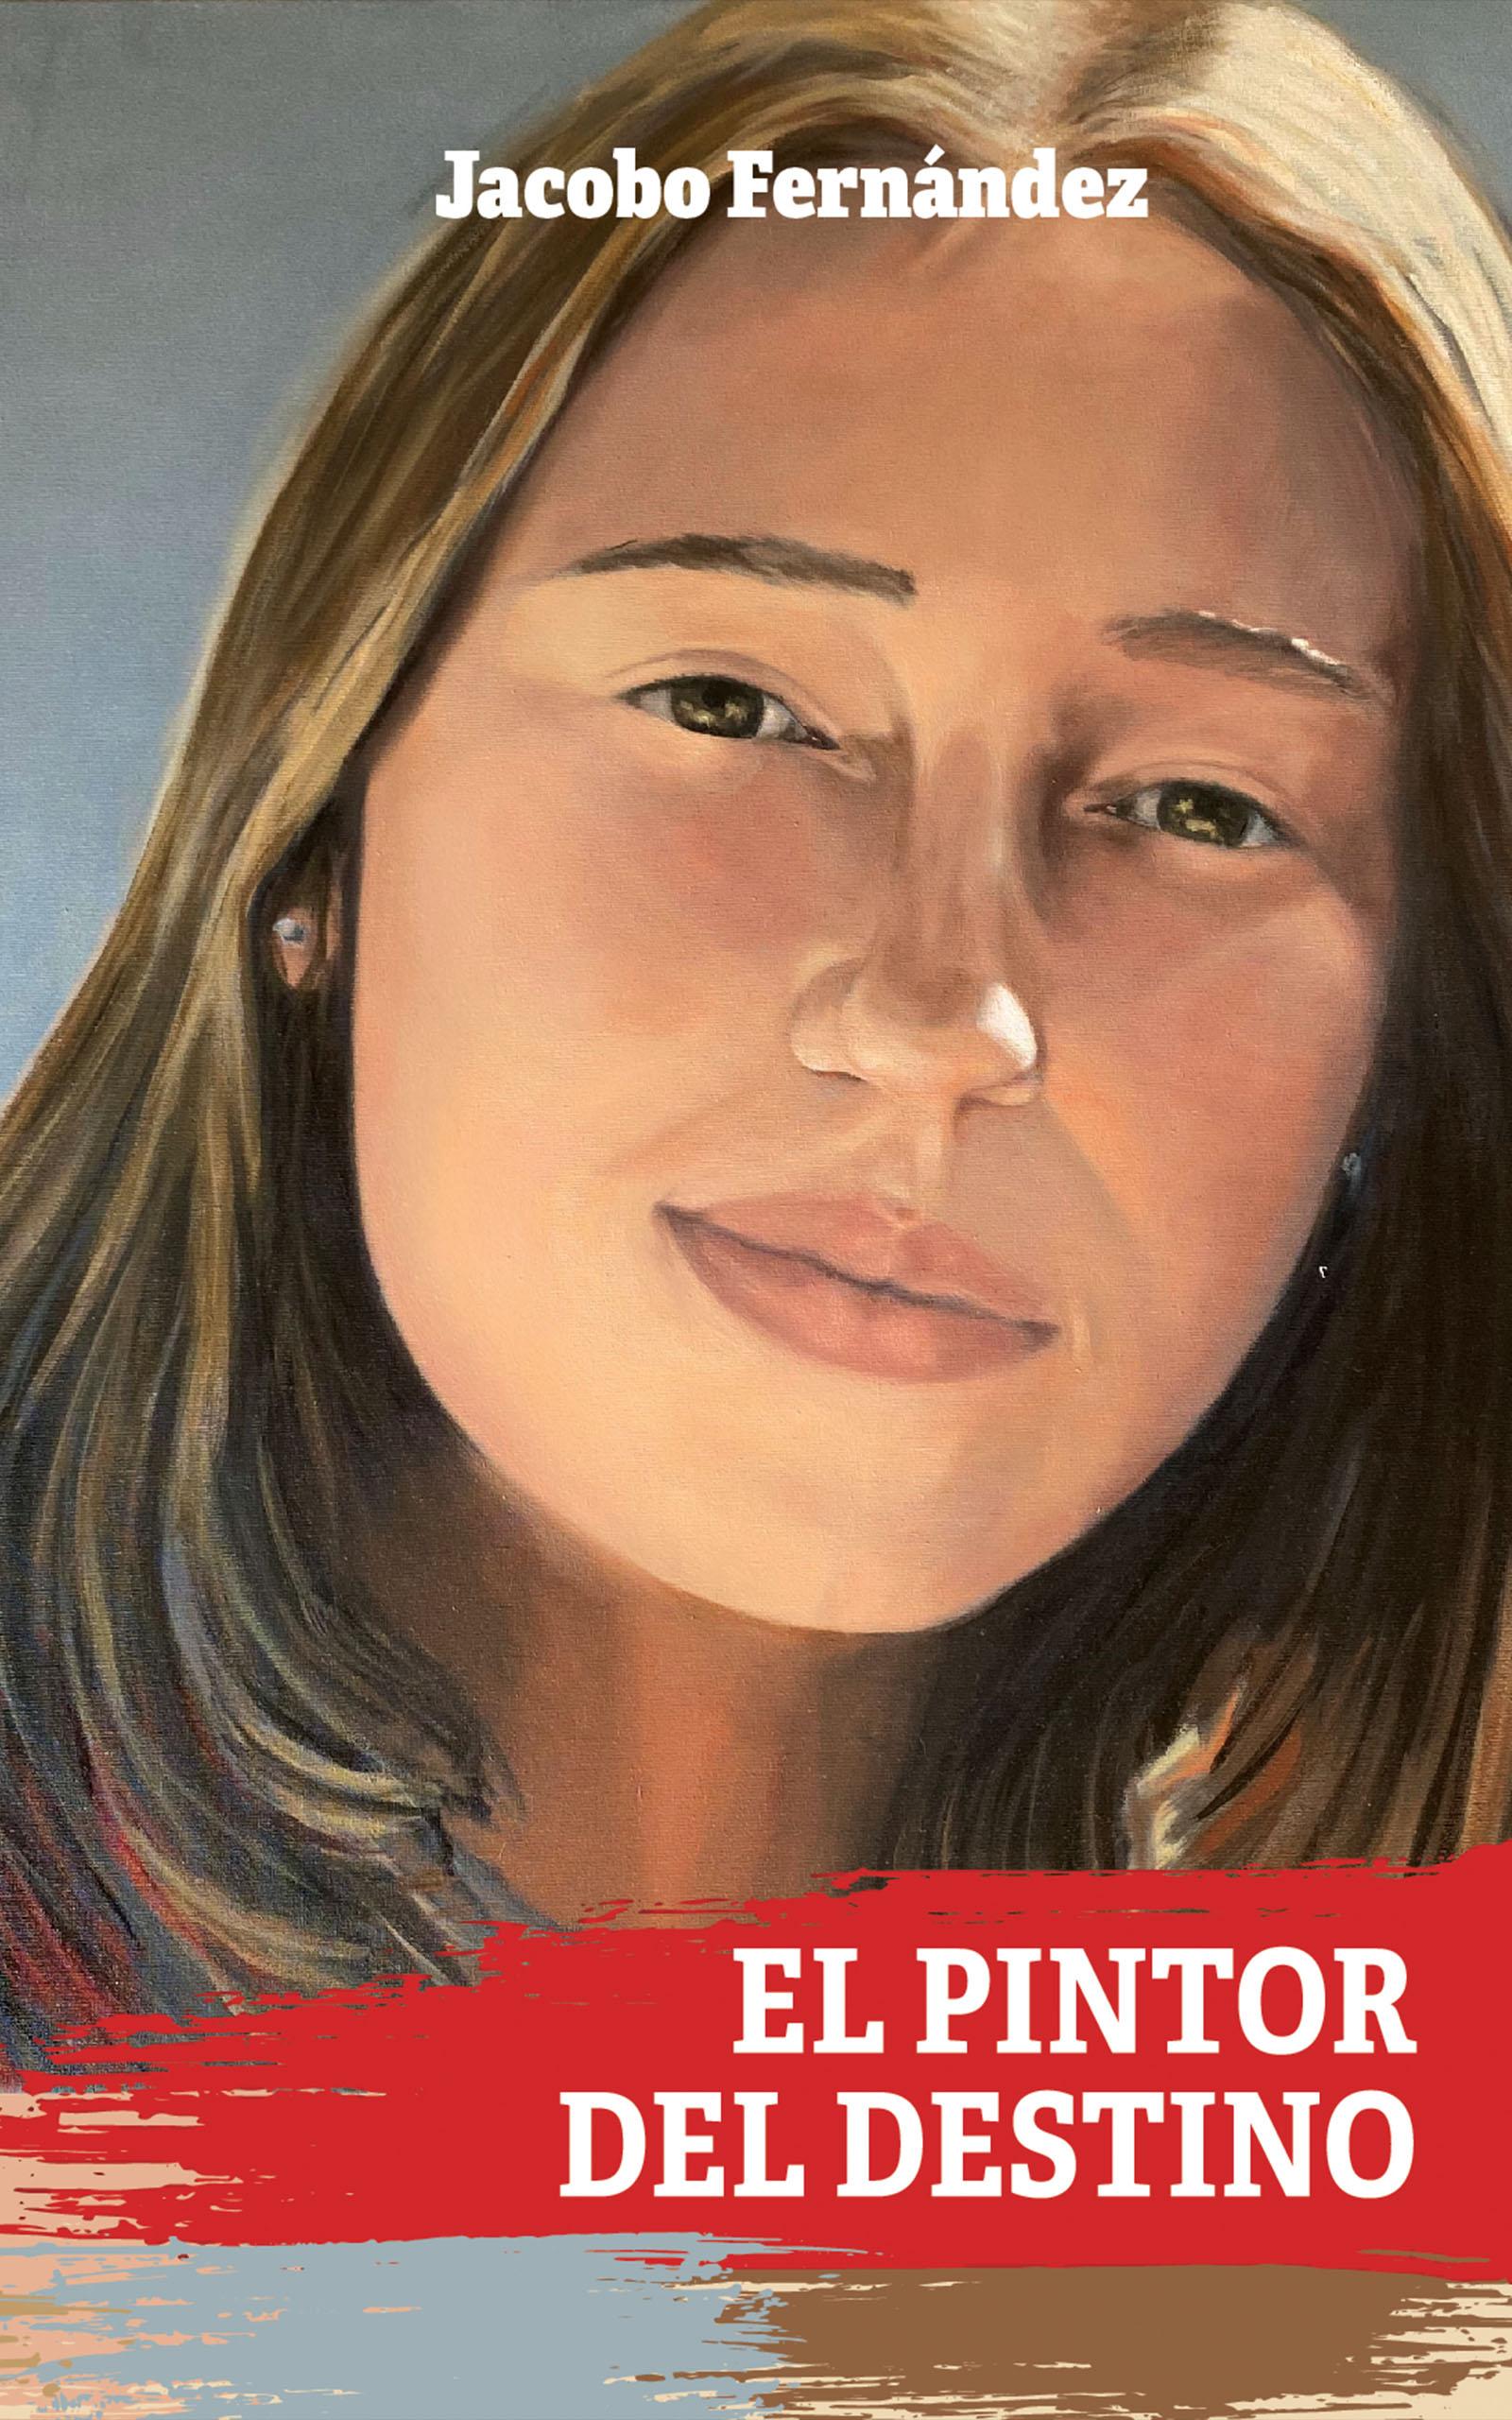 El pintor del destino, de Jacobo Fernández Nogueira